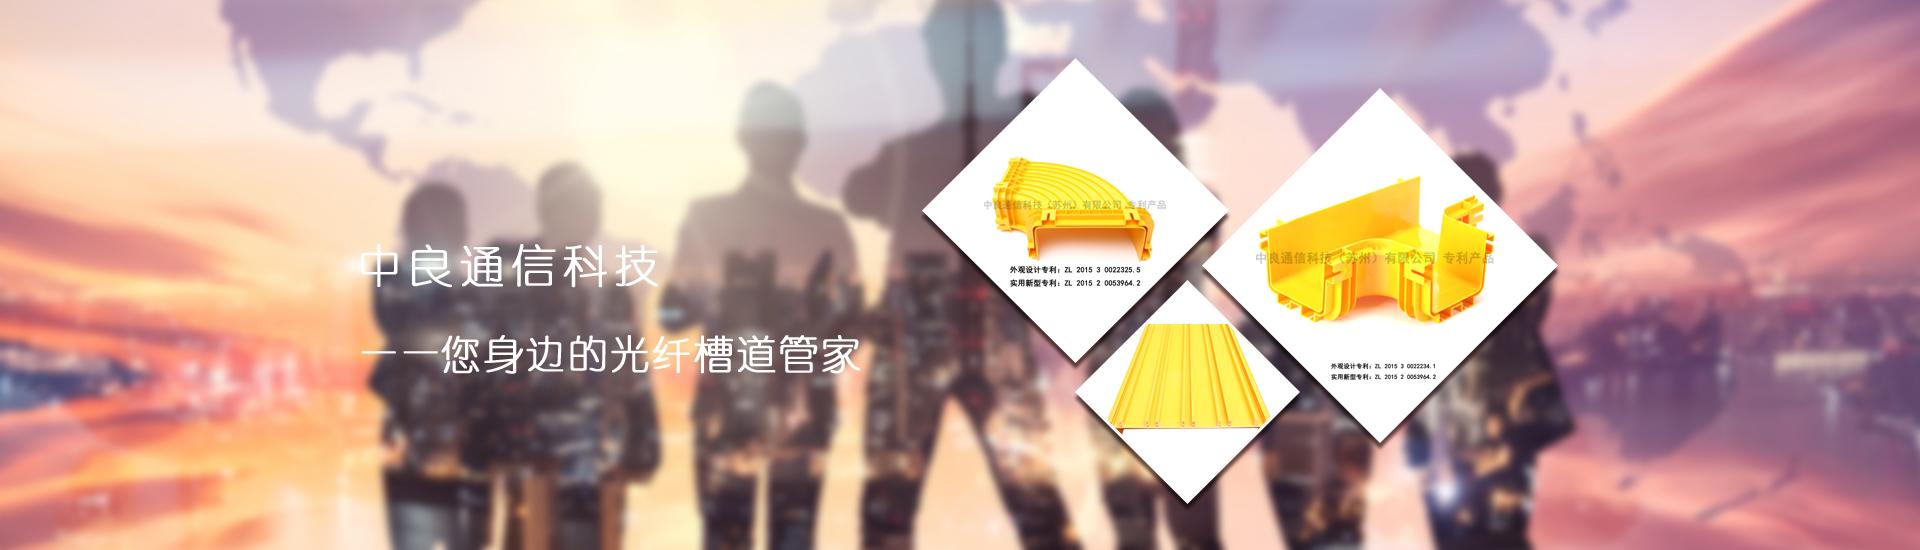 ABS fiber channel manufacturer website